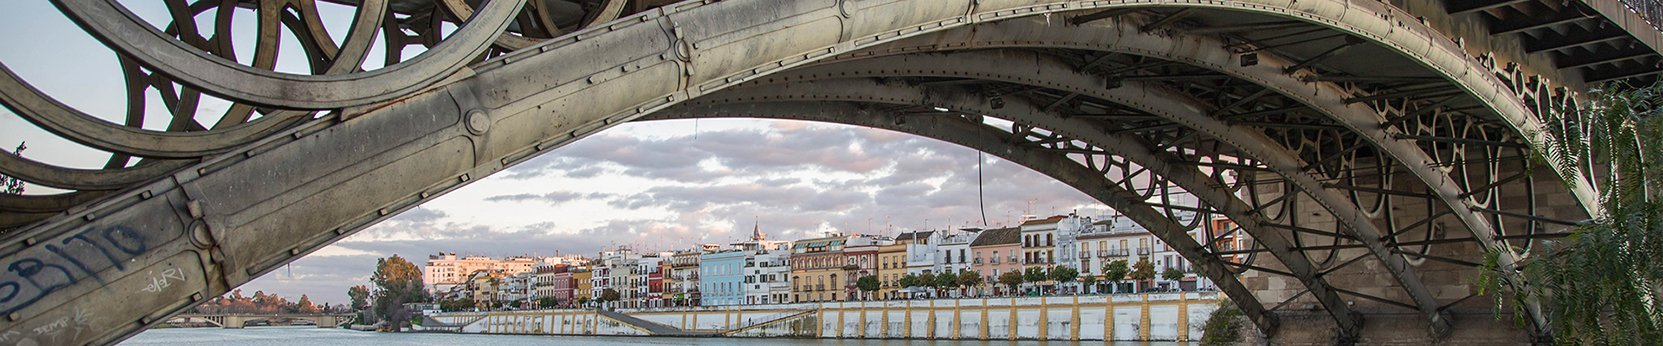 slider puente triana